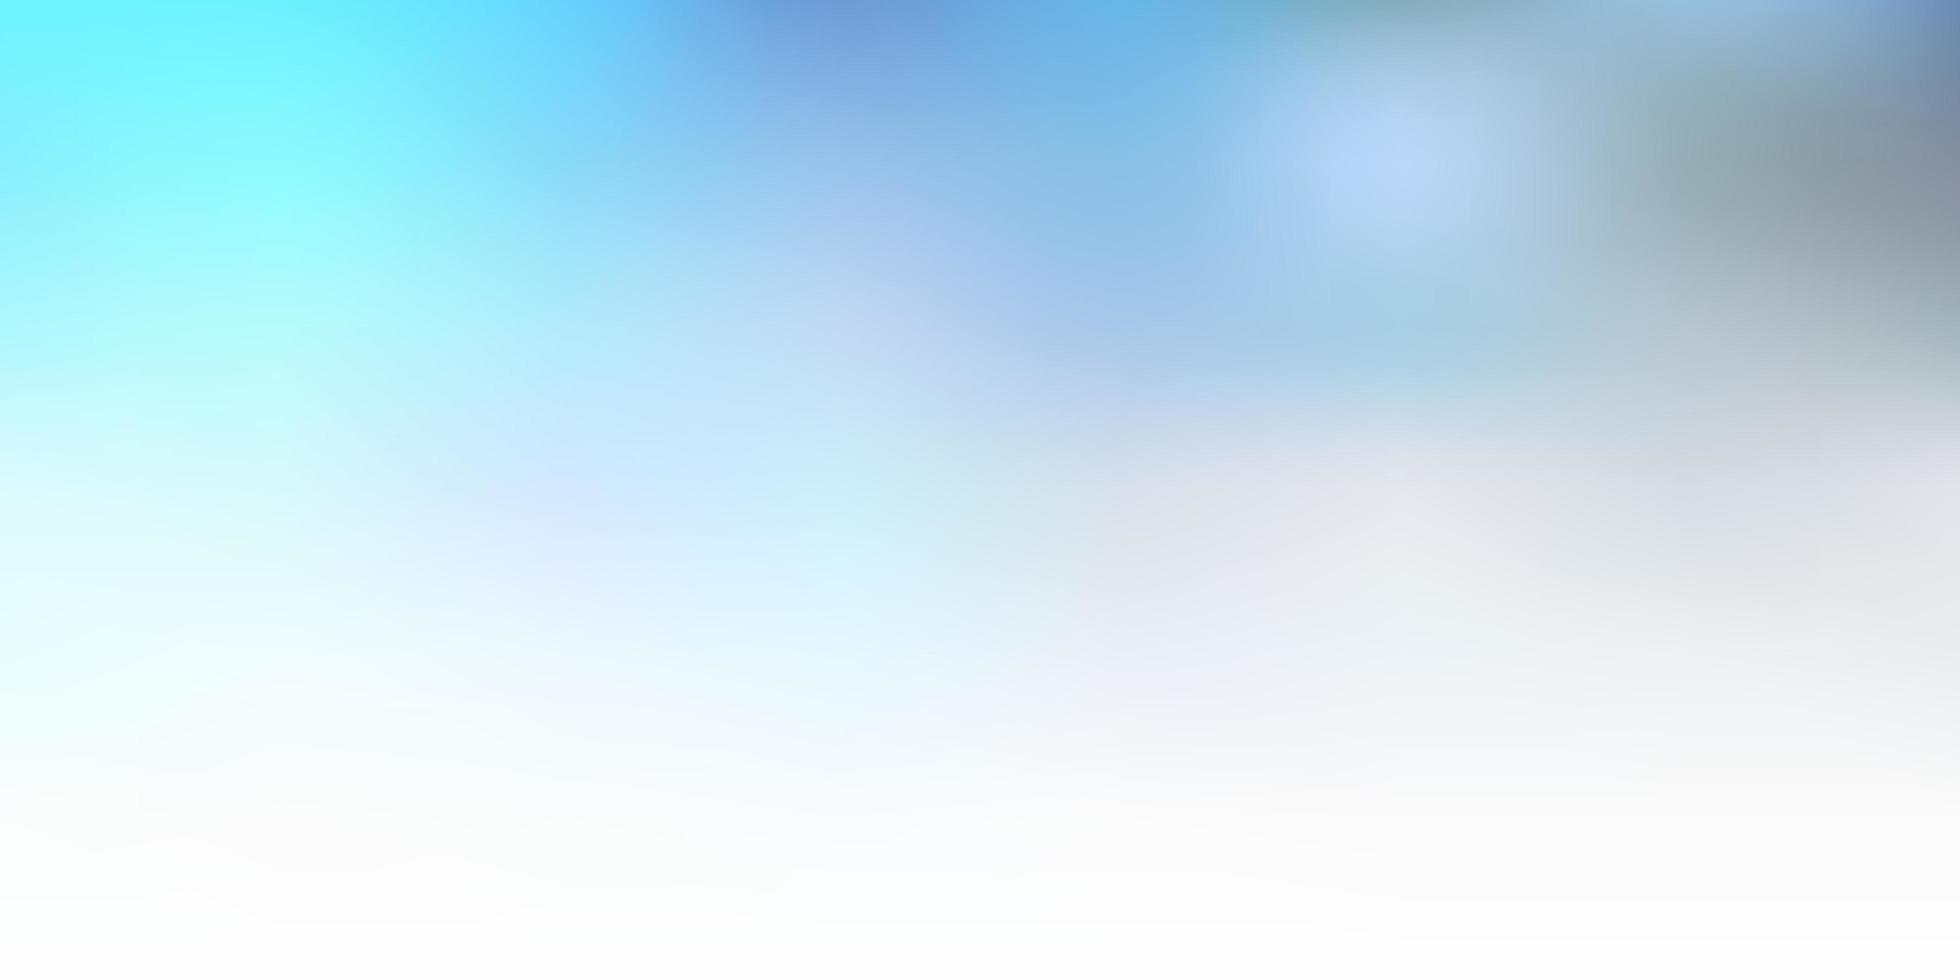 modello di sfocatura vettoriale blu chiaro.